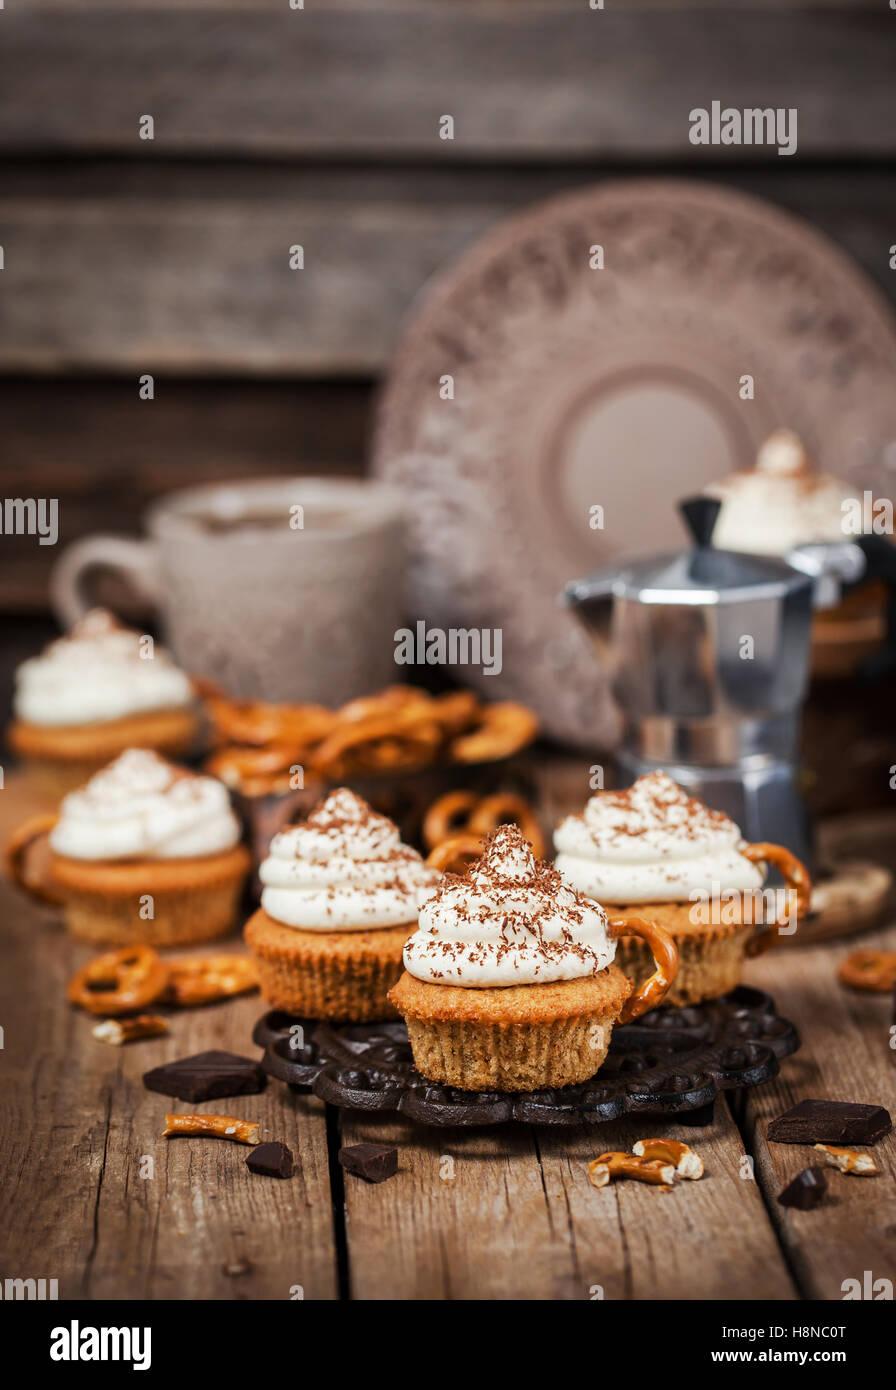 Un delizioso caffè tortine decorato come una tazza cappuccino Immagini Stock